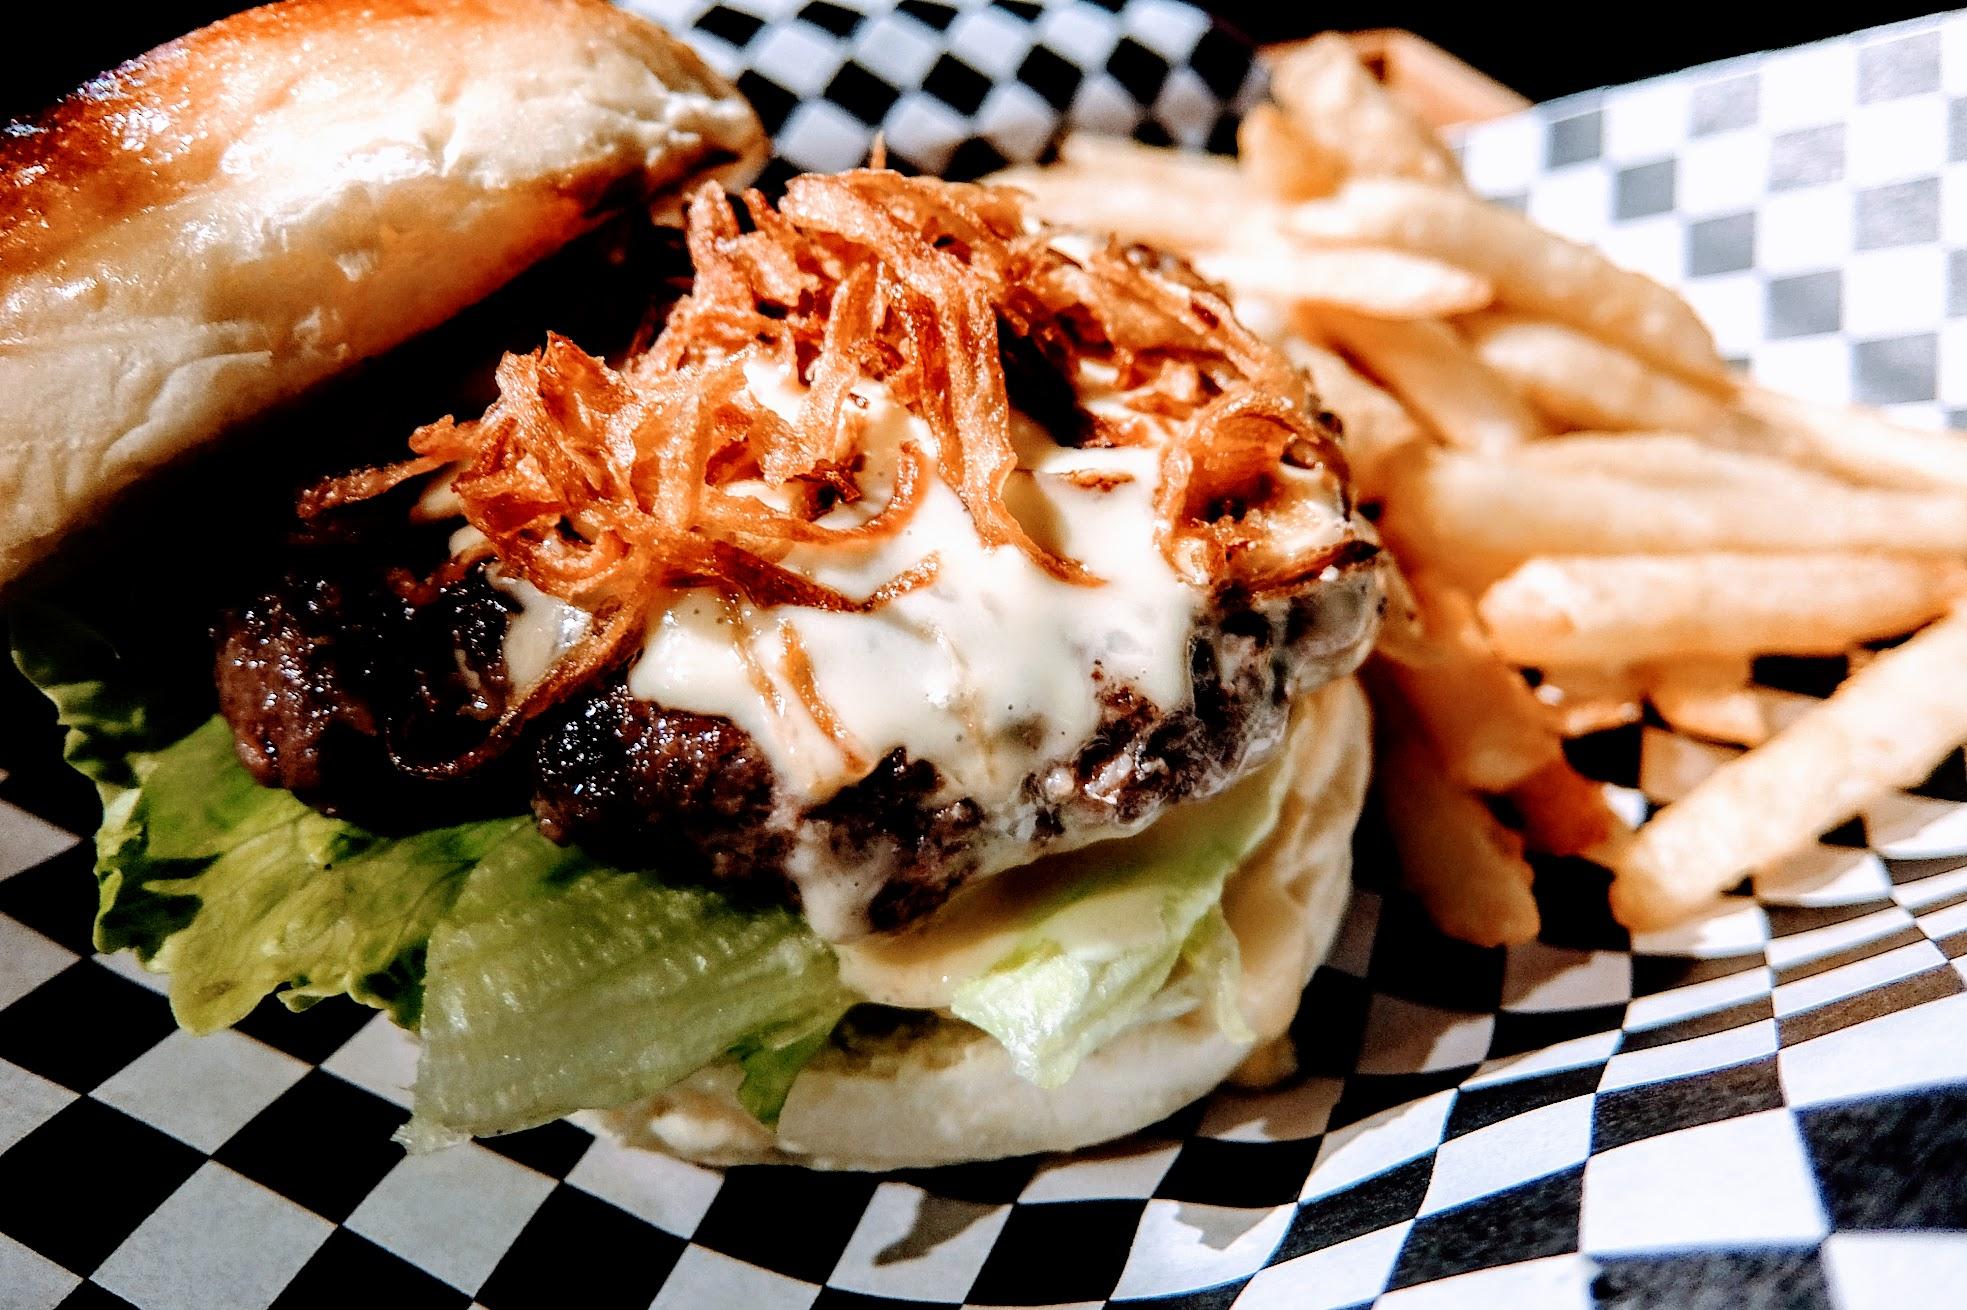 招牌怪獸漢堡,牛肉是店家自製,絞肉後做成頗厚的牛肉片,現煎而成